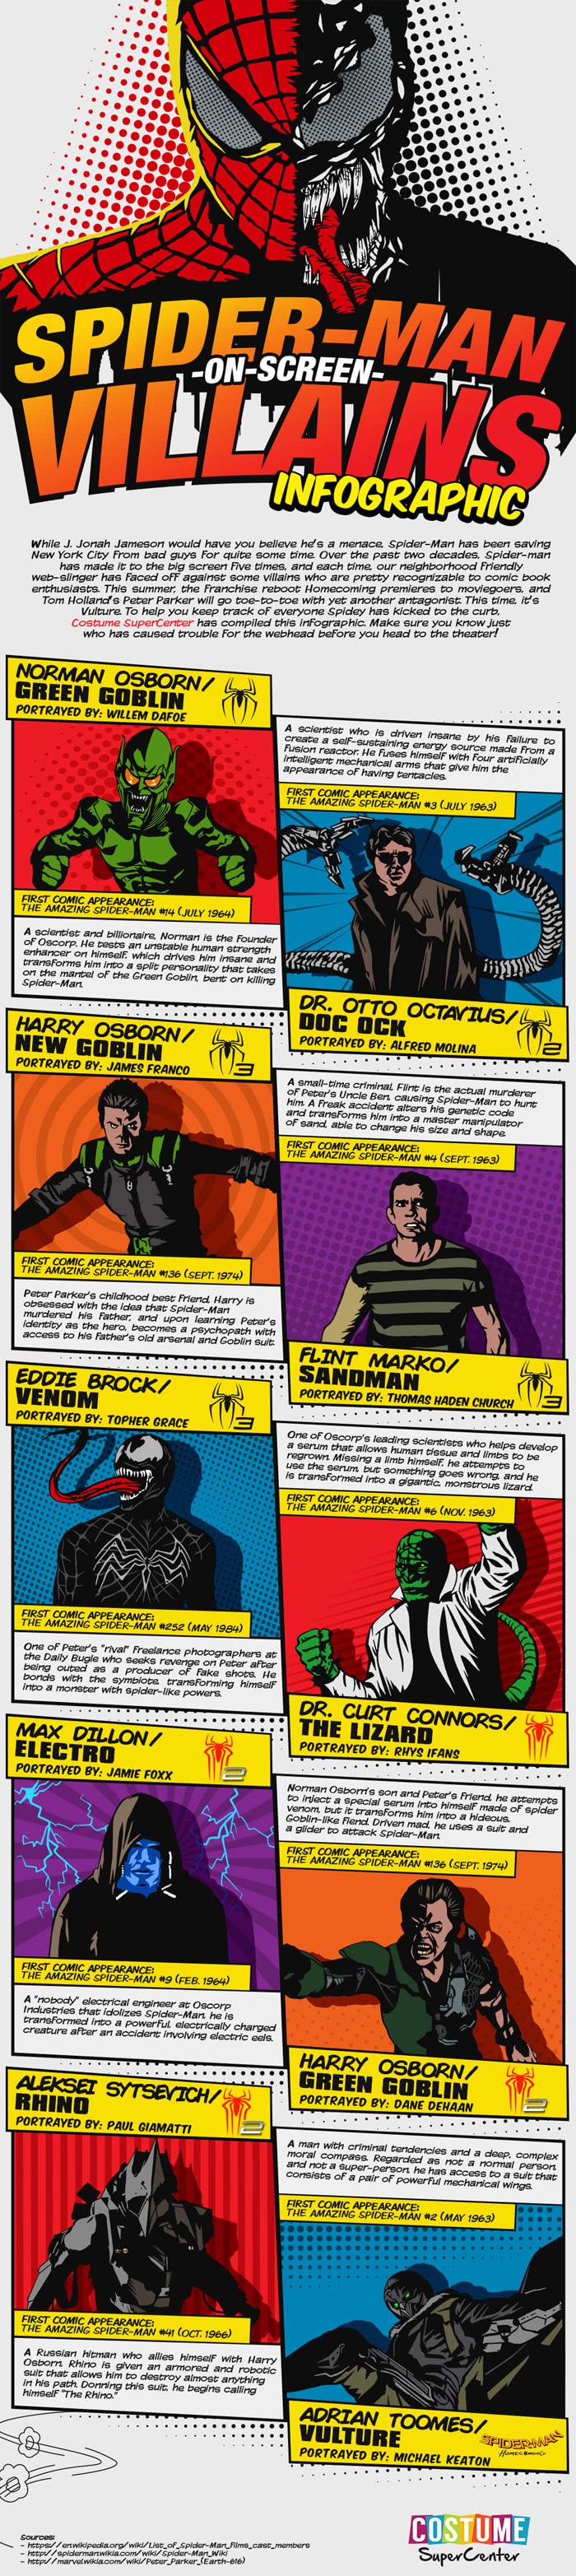 Spider-Man Villains Infographic